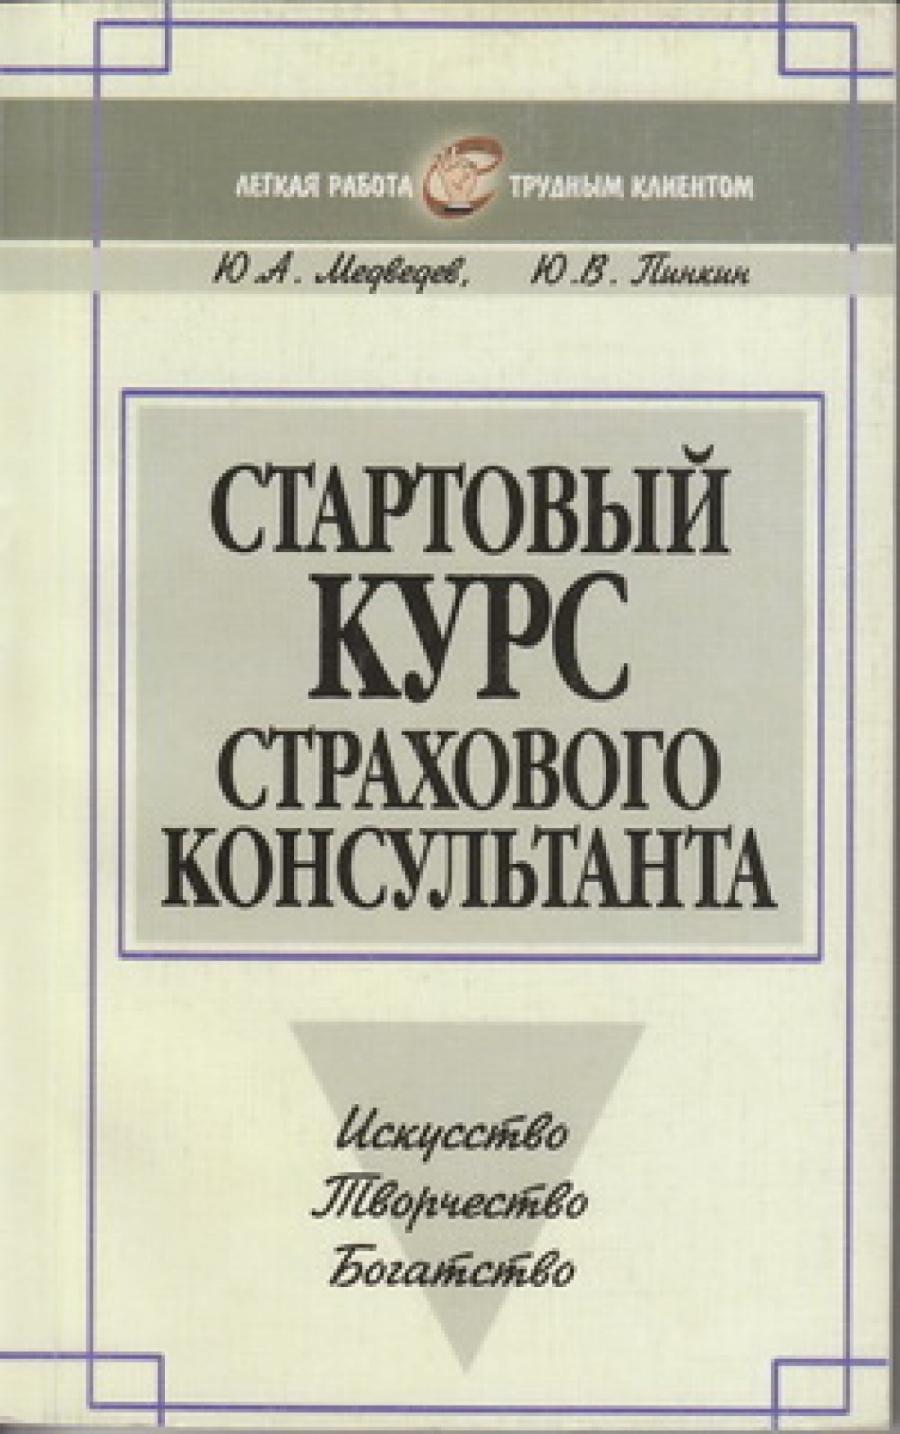 Обложка книги:  медведев ю.а., пинкин ю.в. - стартовый курс страхового консультанта